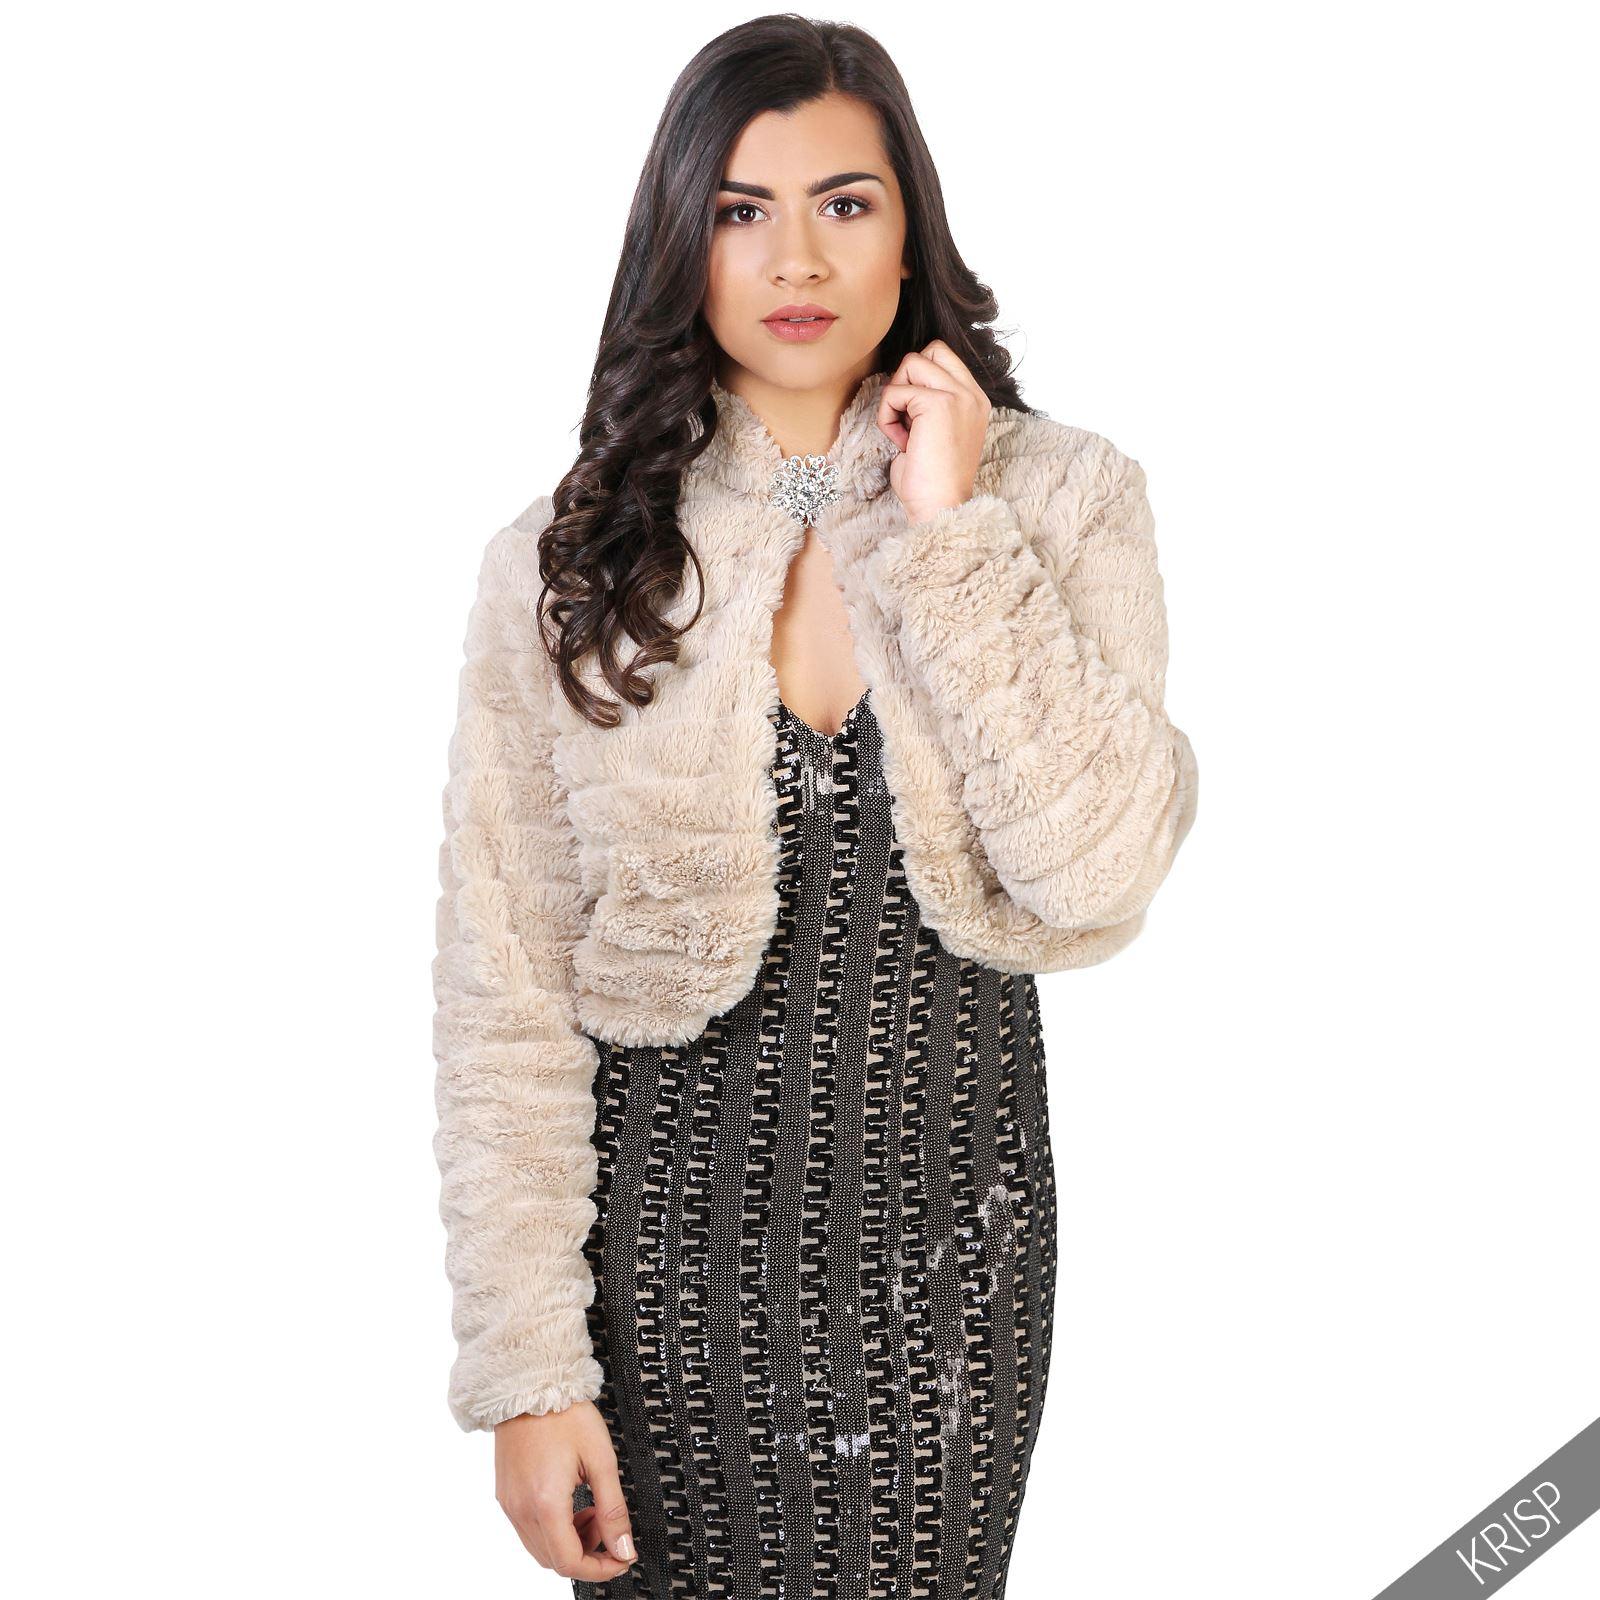 femmes manteau veste fausse fourrure bol ro chaud hiver f te de no l gilet court. Black Bedroom Furniture Sets. Home Design Ideas